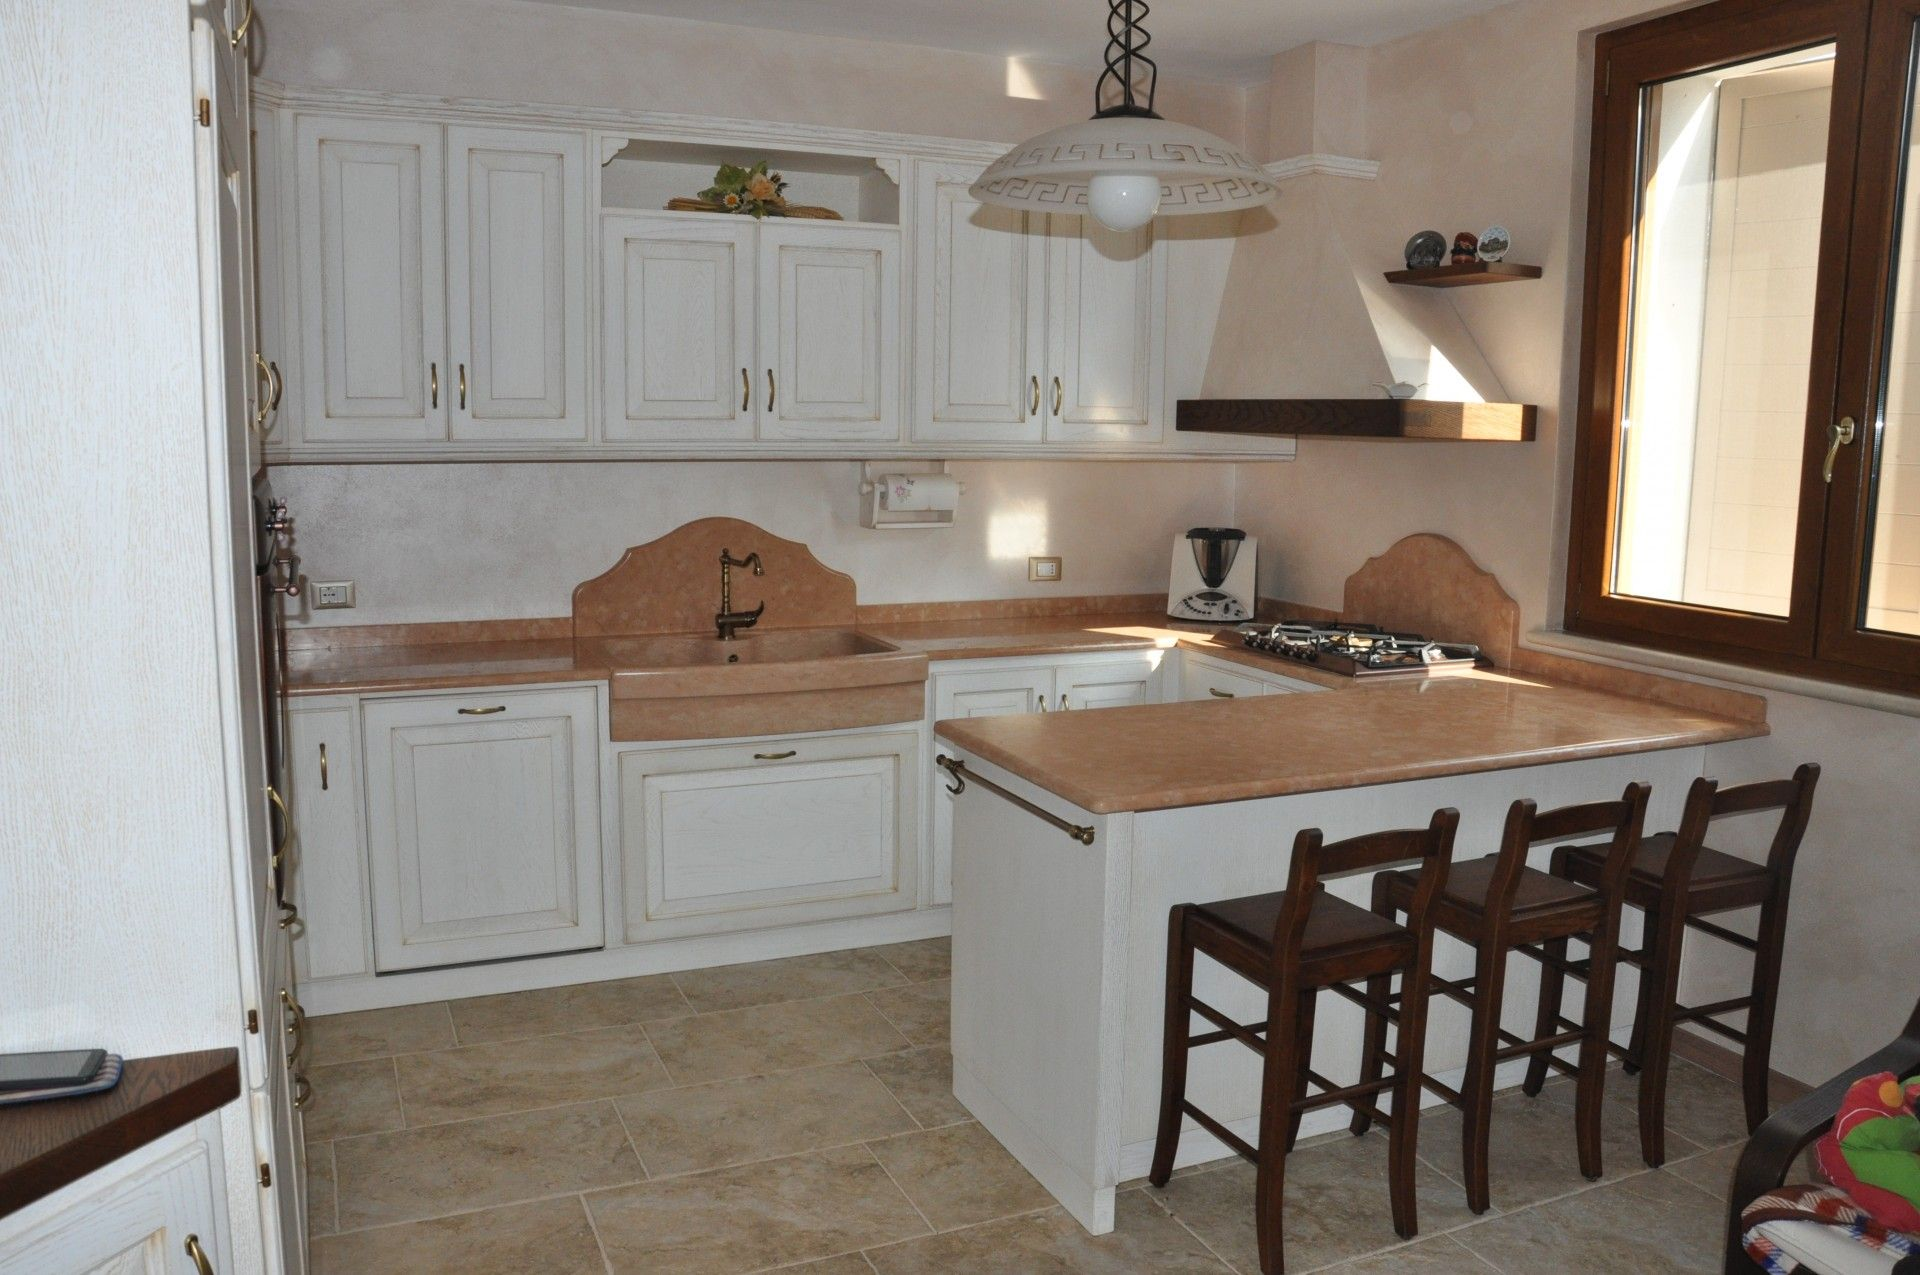 cucine in stile country 13 modelli in legno o in laccato neutro. Pin Su Case